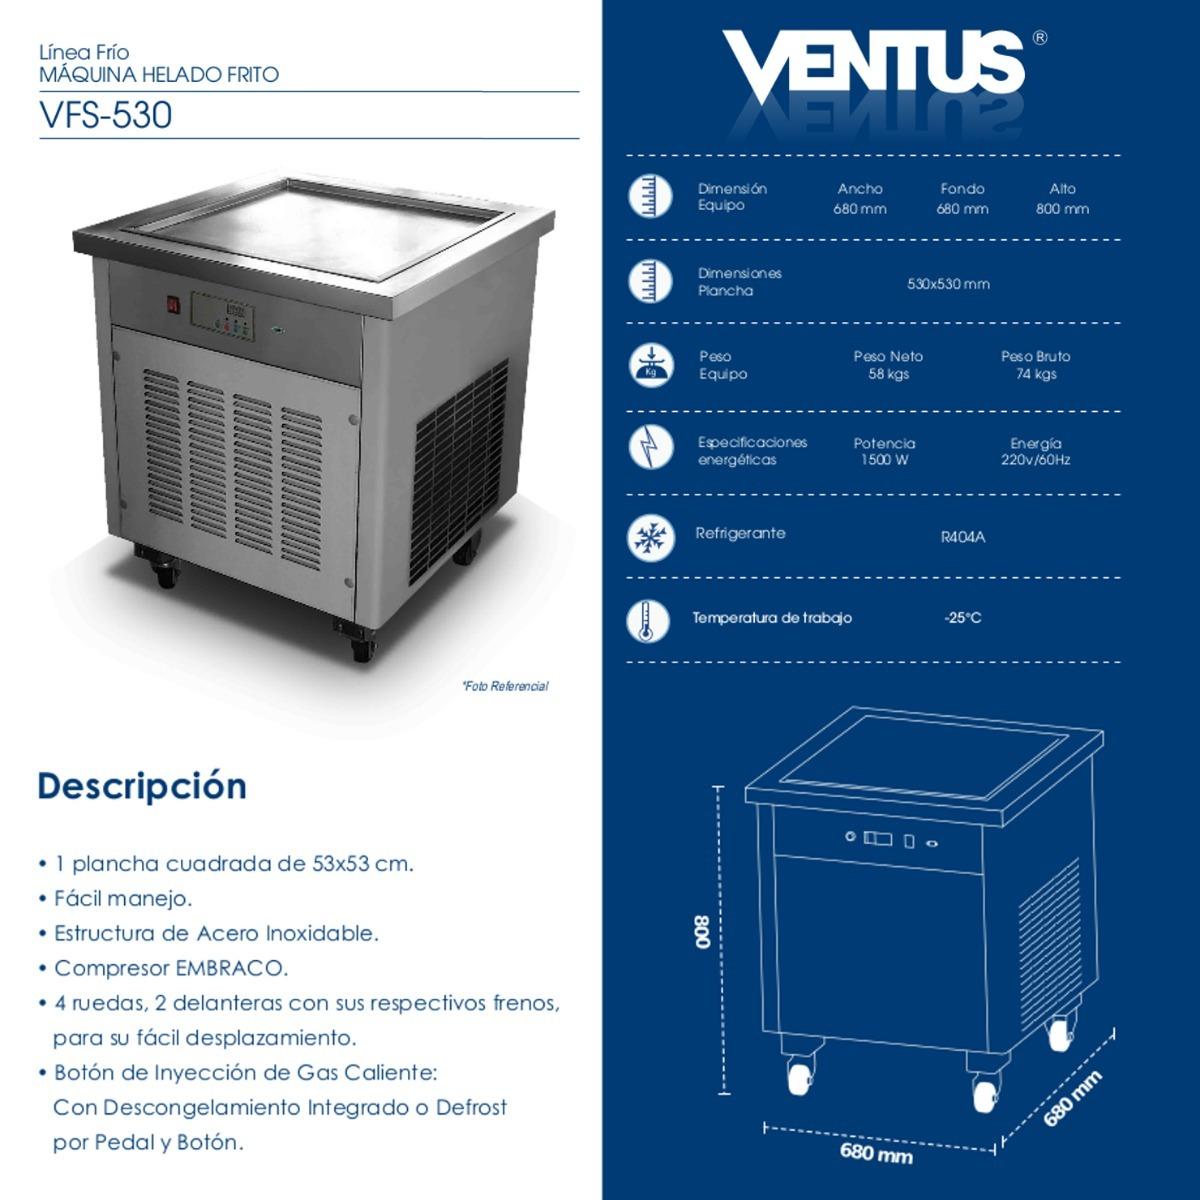 VENTUS VFS-530